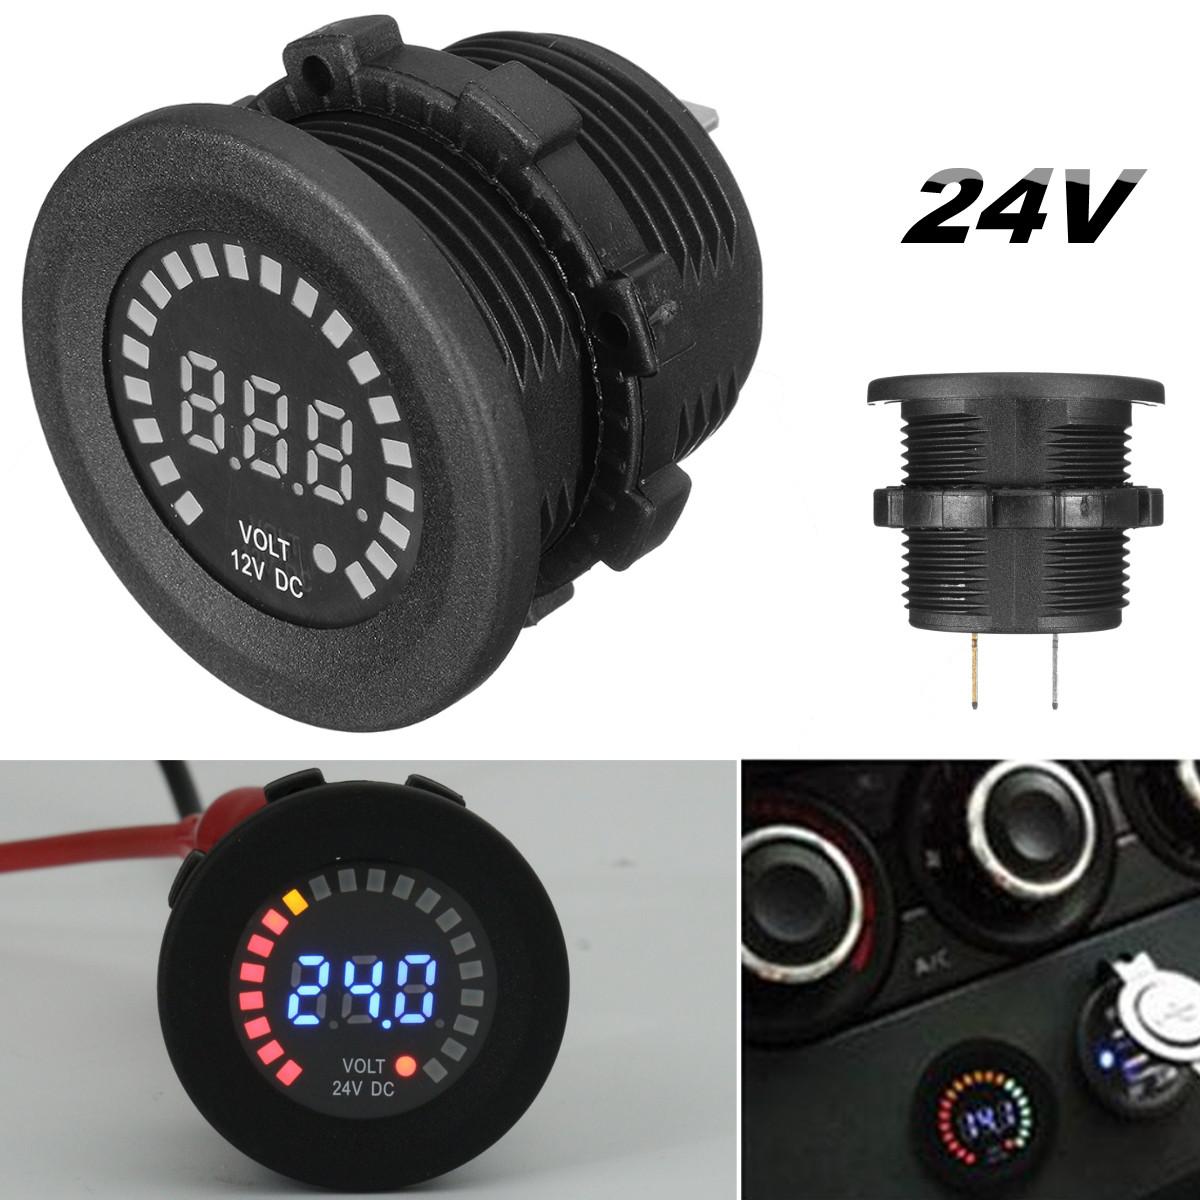 24V Waterproof Auto Car Motorcycle Red Led Digital Volt Meterr Meter Tester